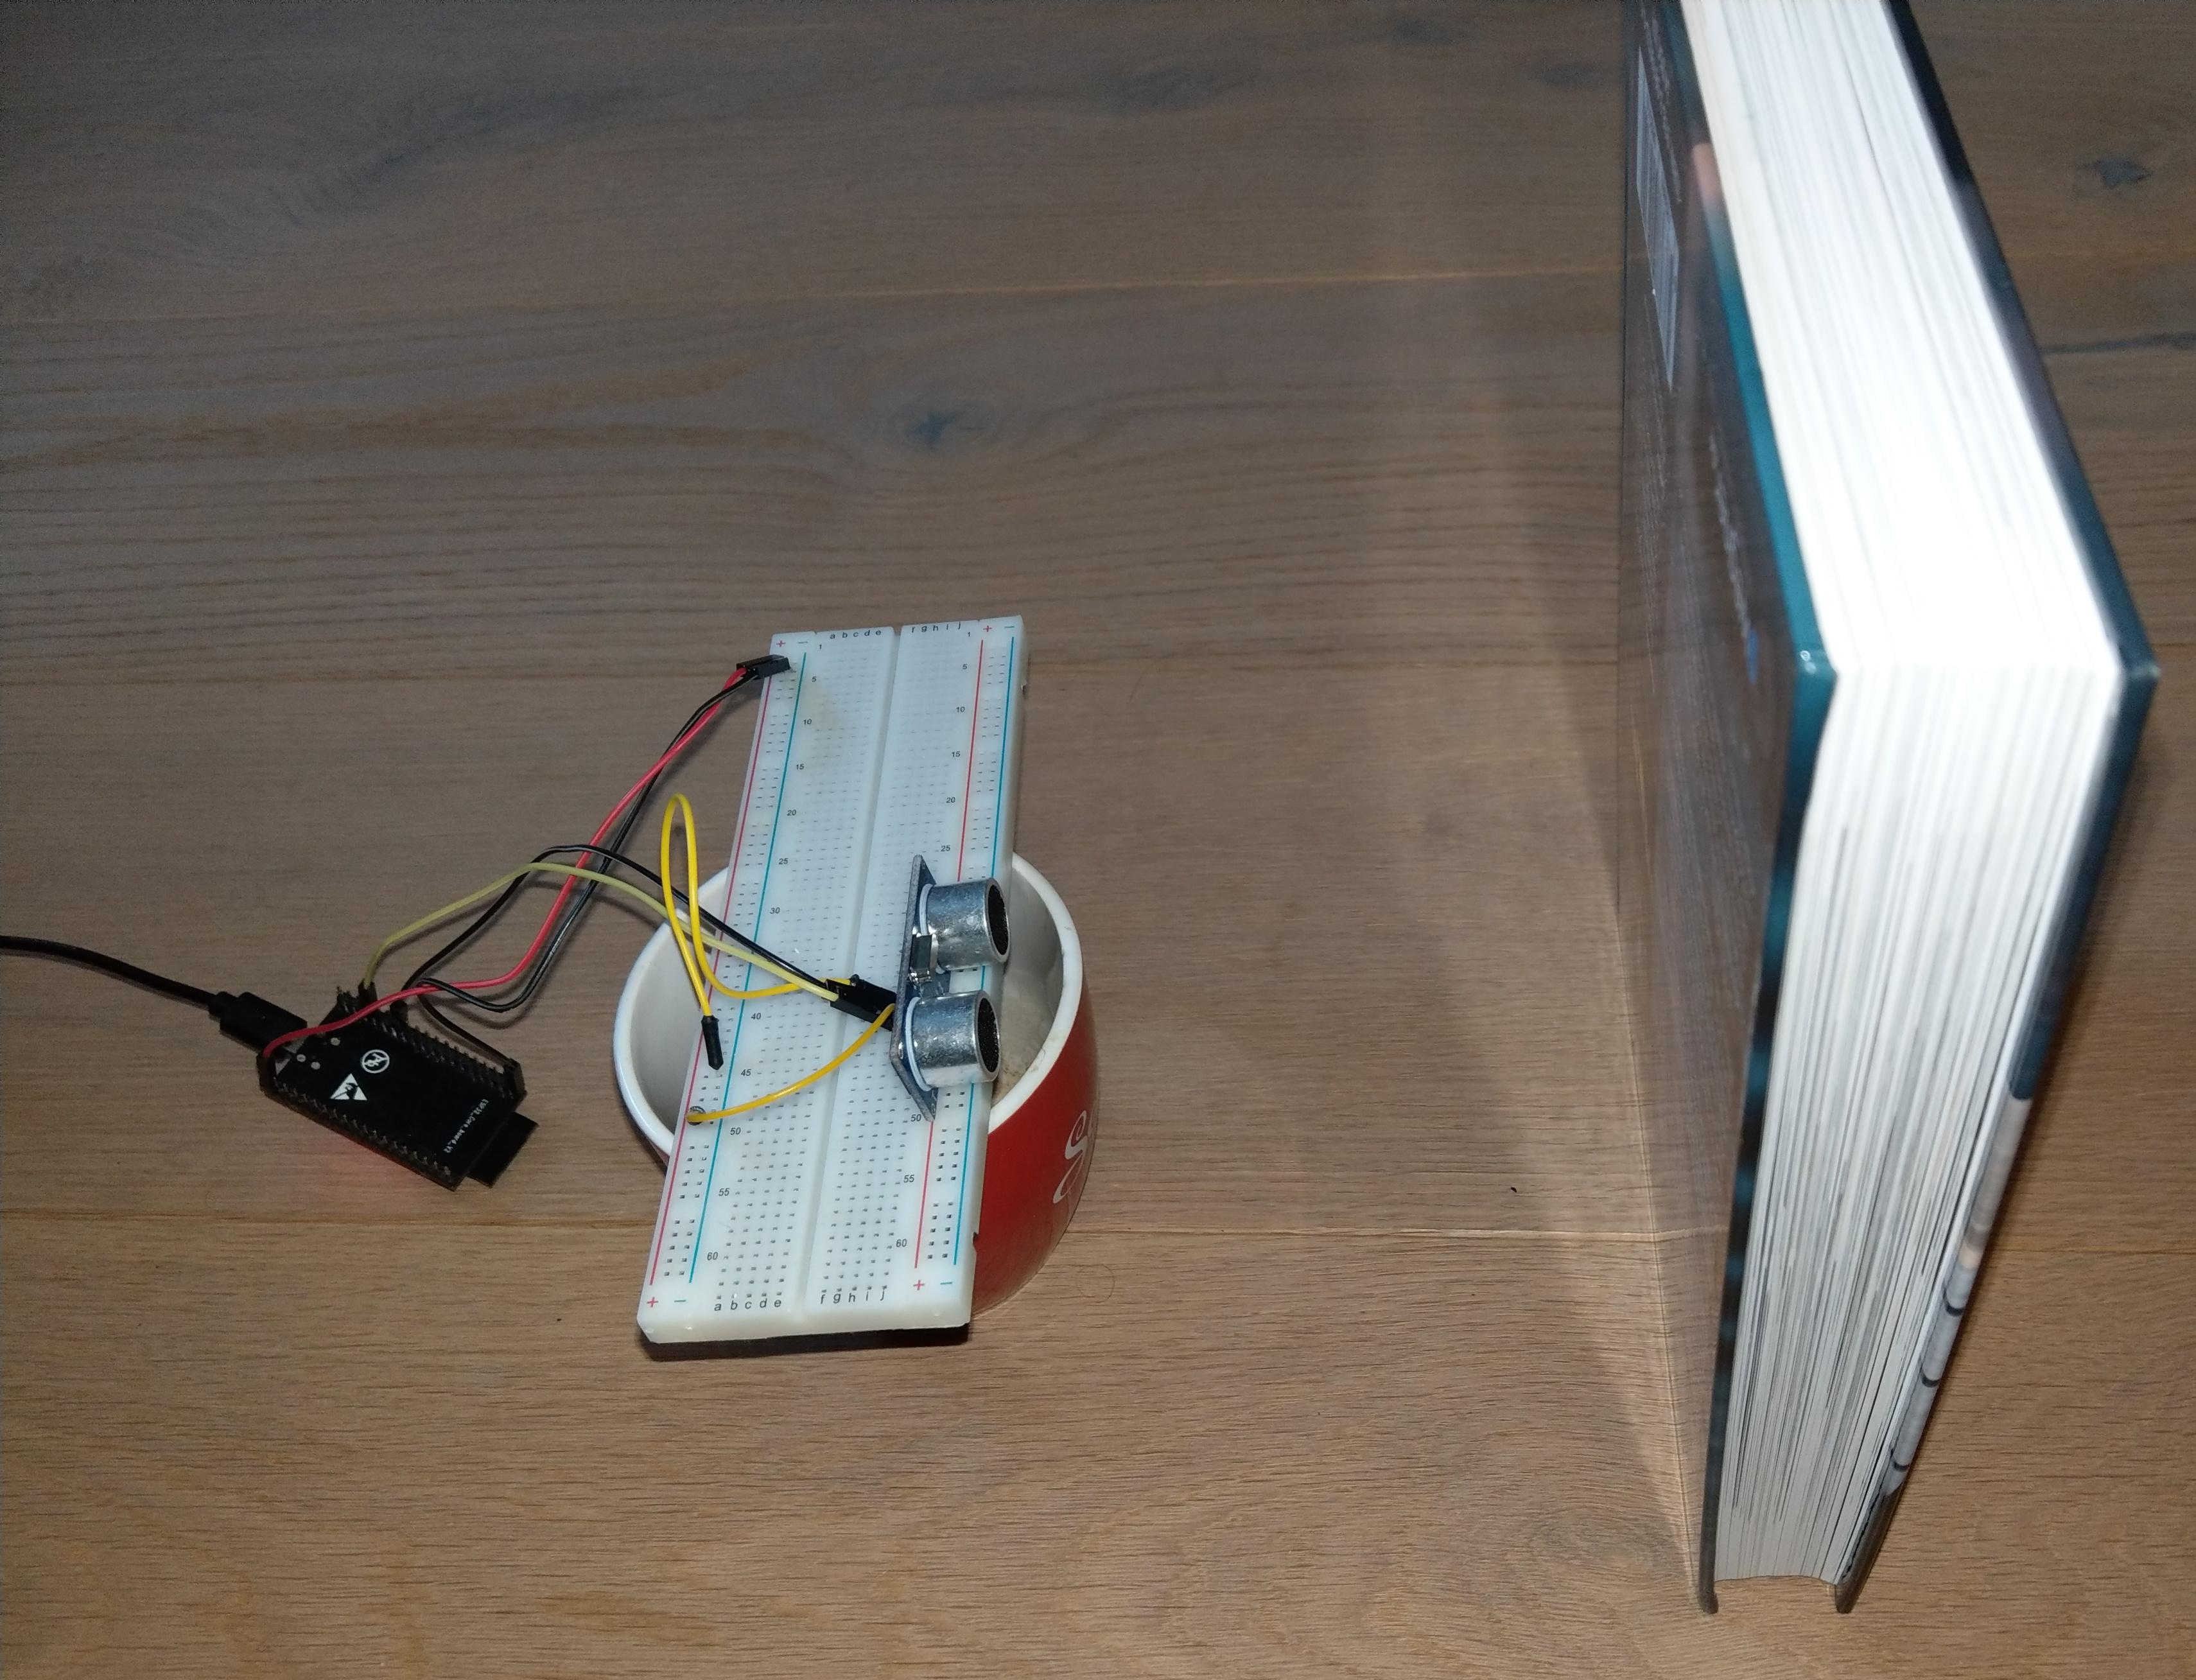 Infrarot entfernungsmesser funktionsweise infrarot